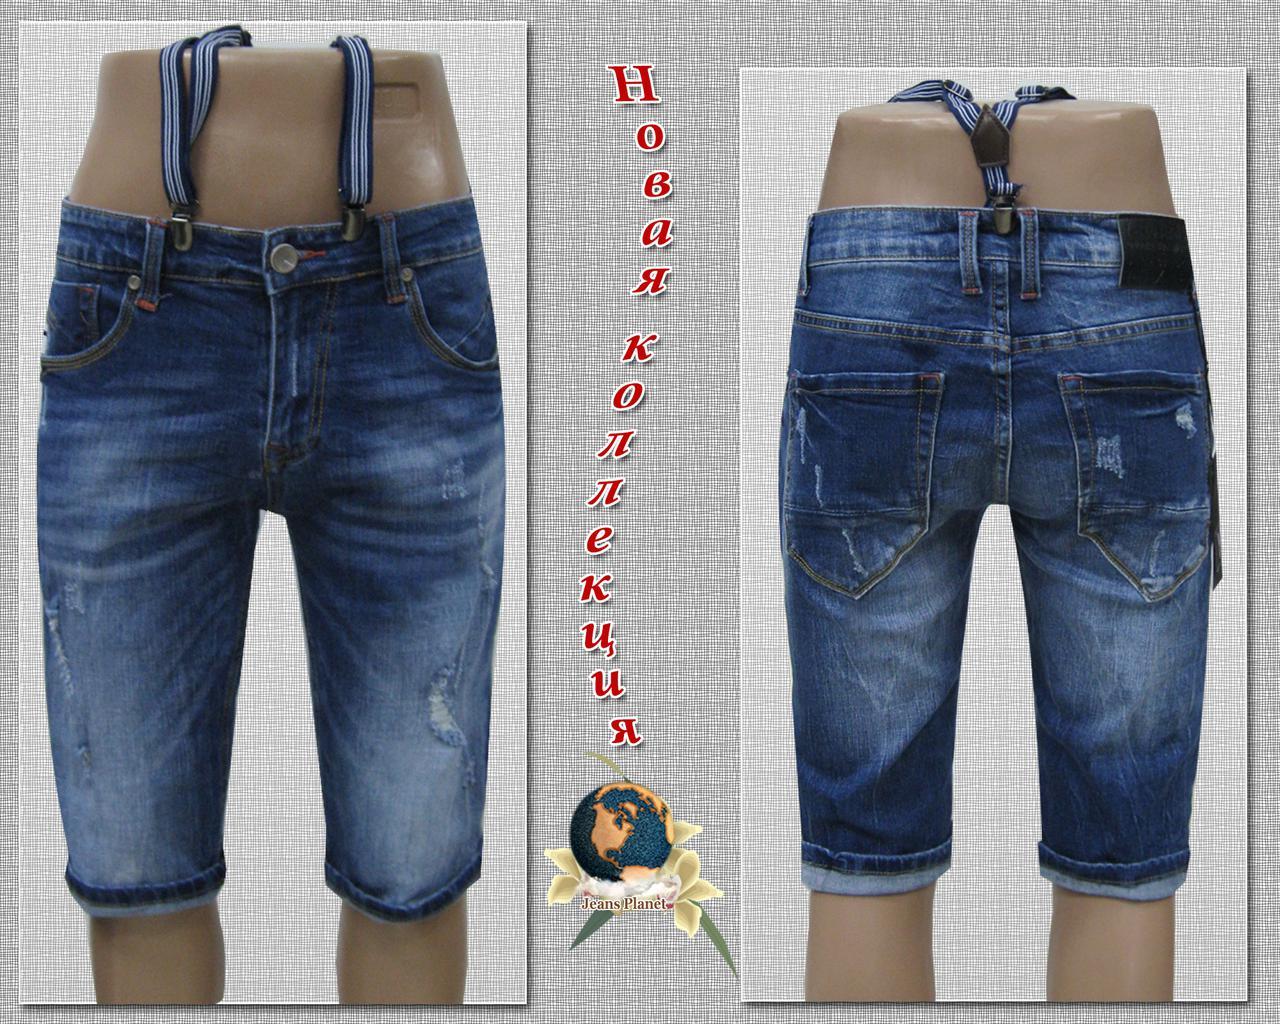 Шорты мужские джинсовые стрейч светло-синего цвета 38 размер